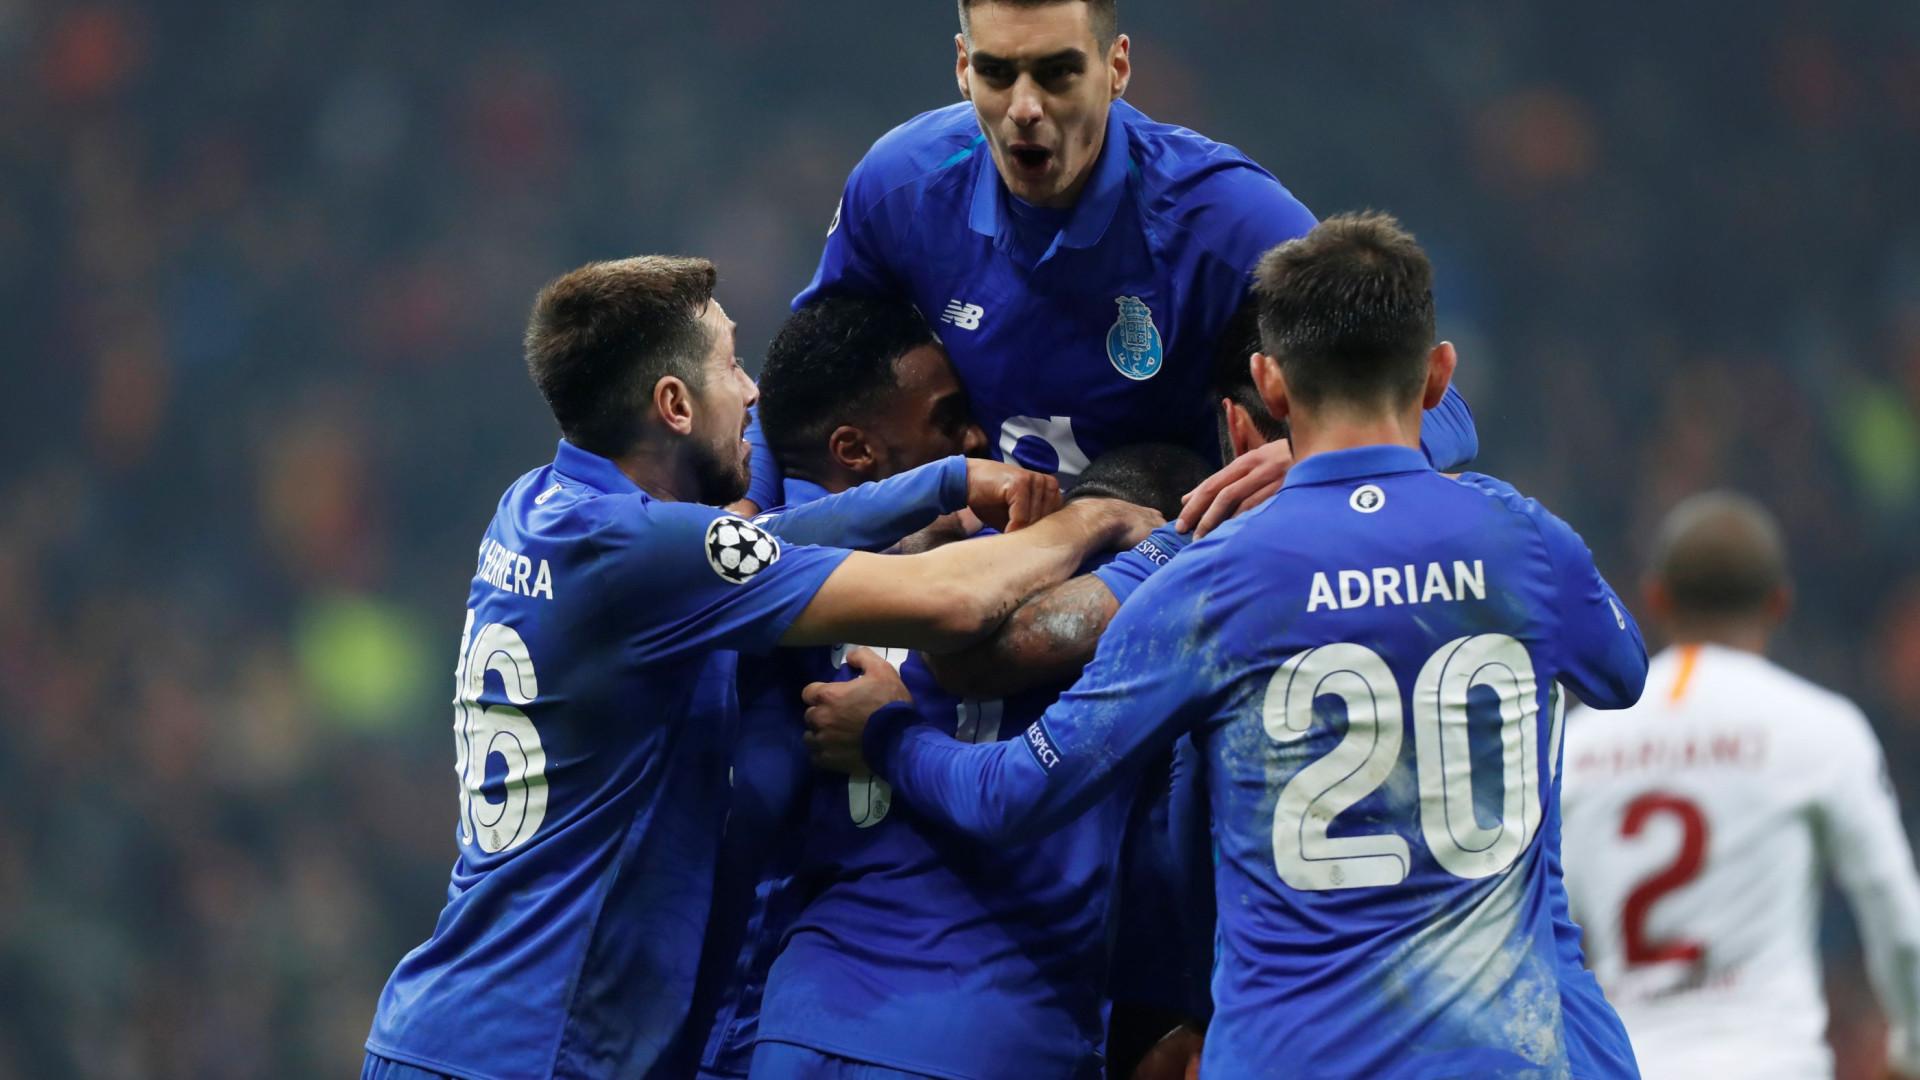 Ninguém pontuou tanto nesta edição da Champions como o FC Porto